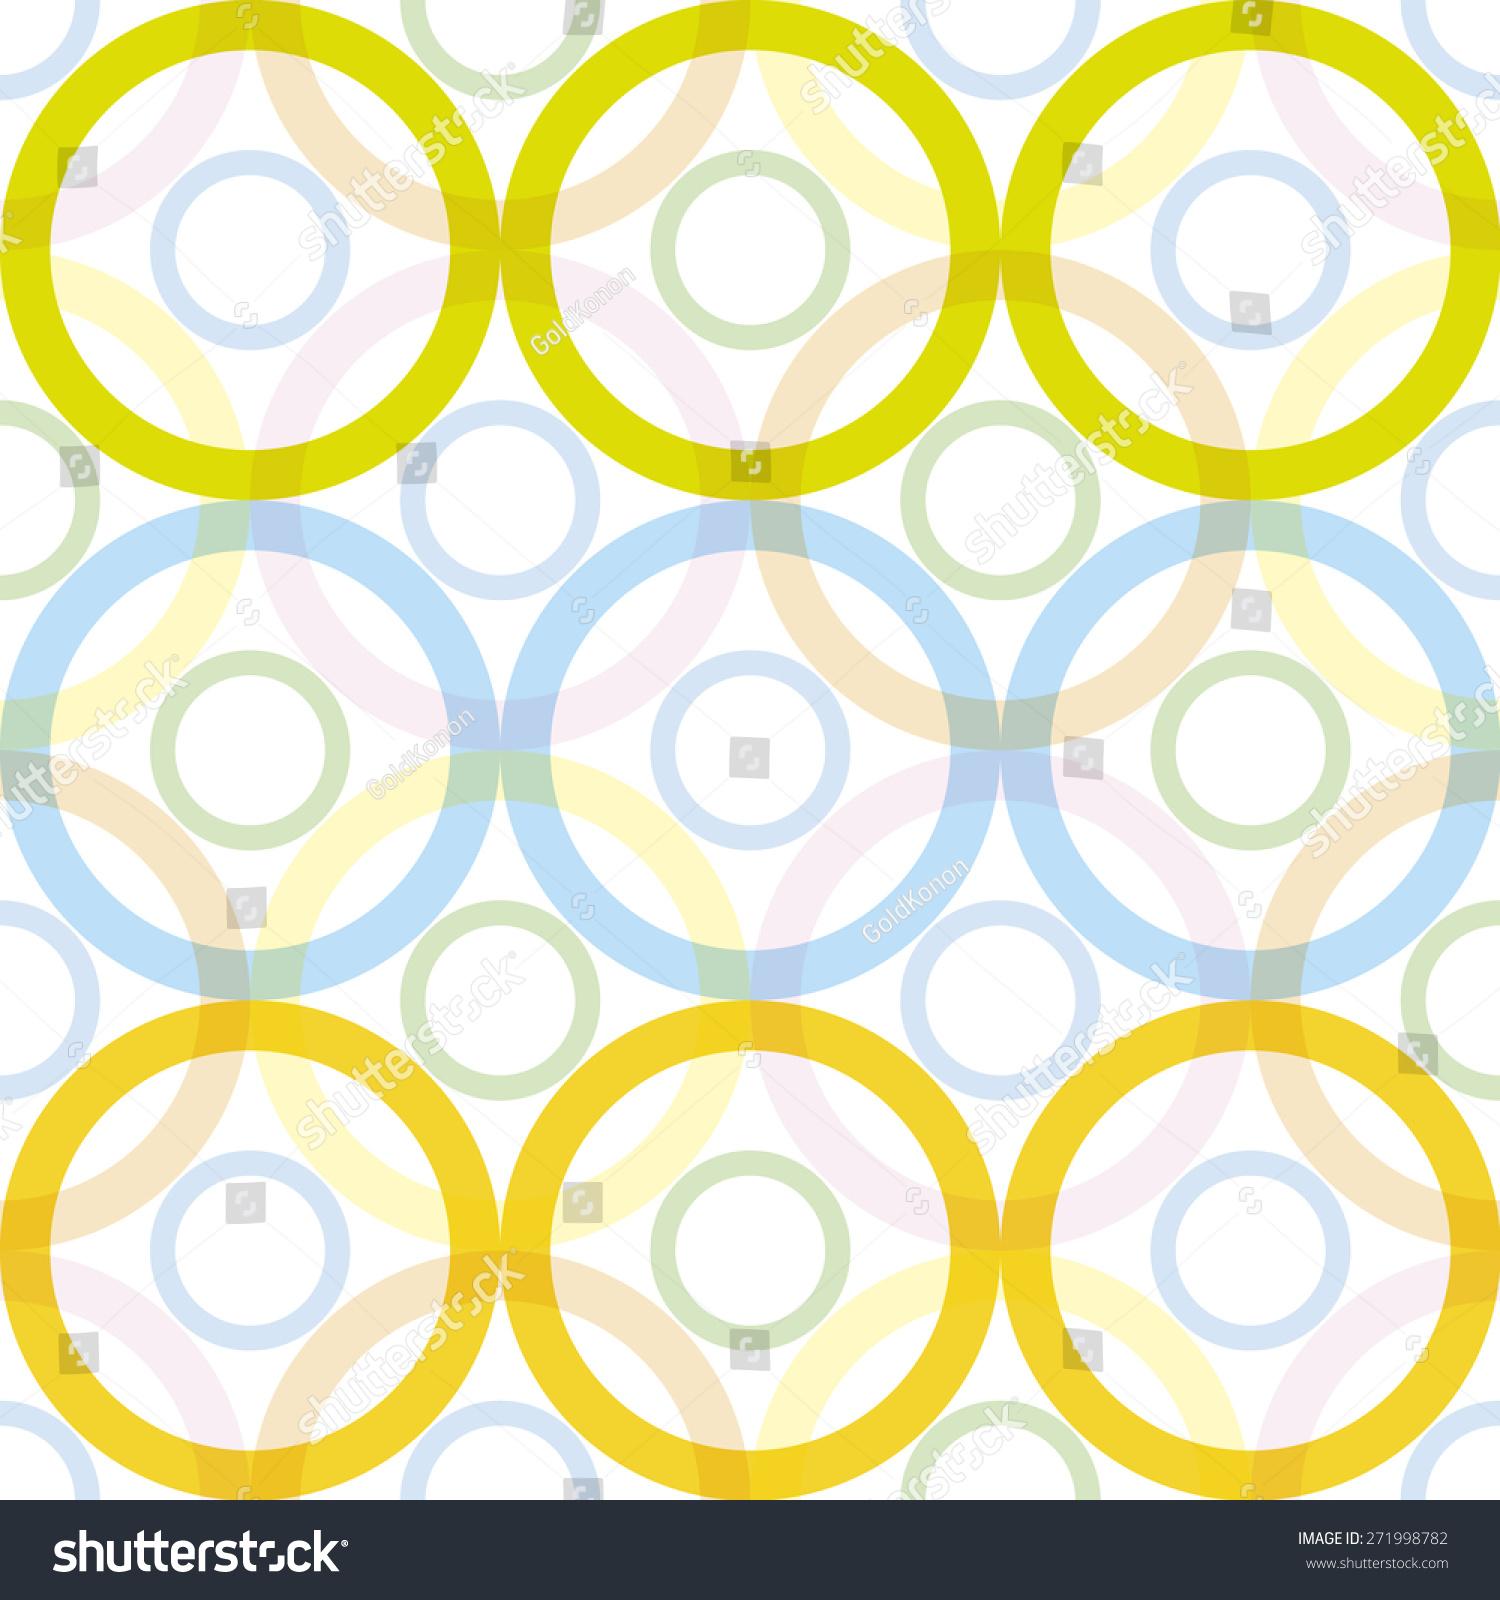 圈背景图案-背景/素材